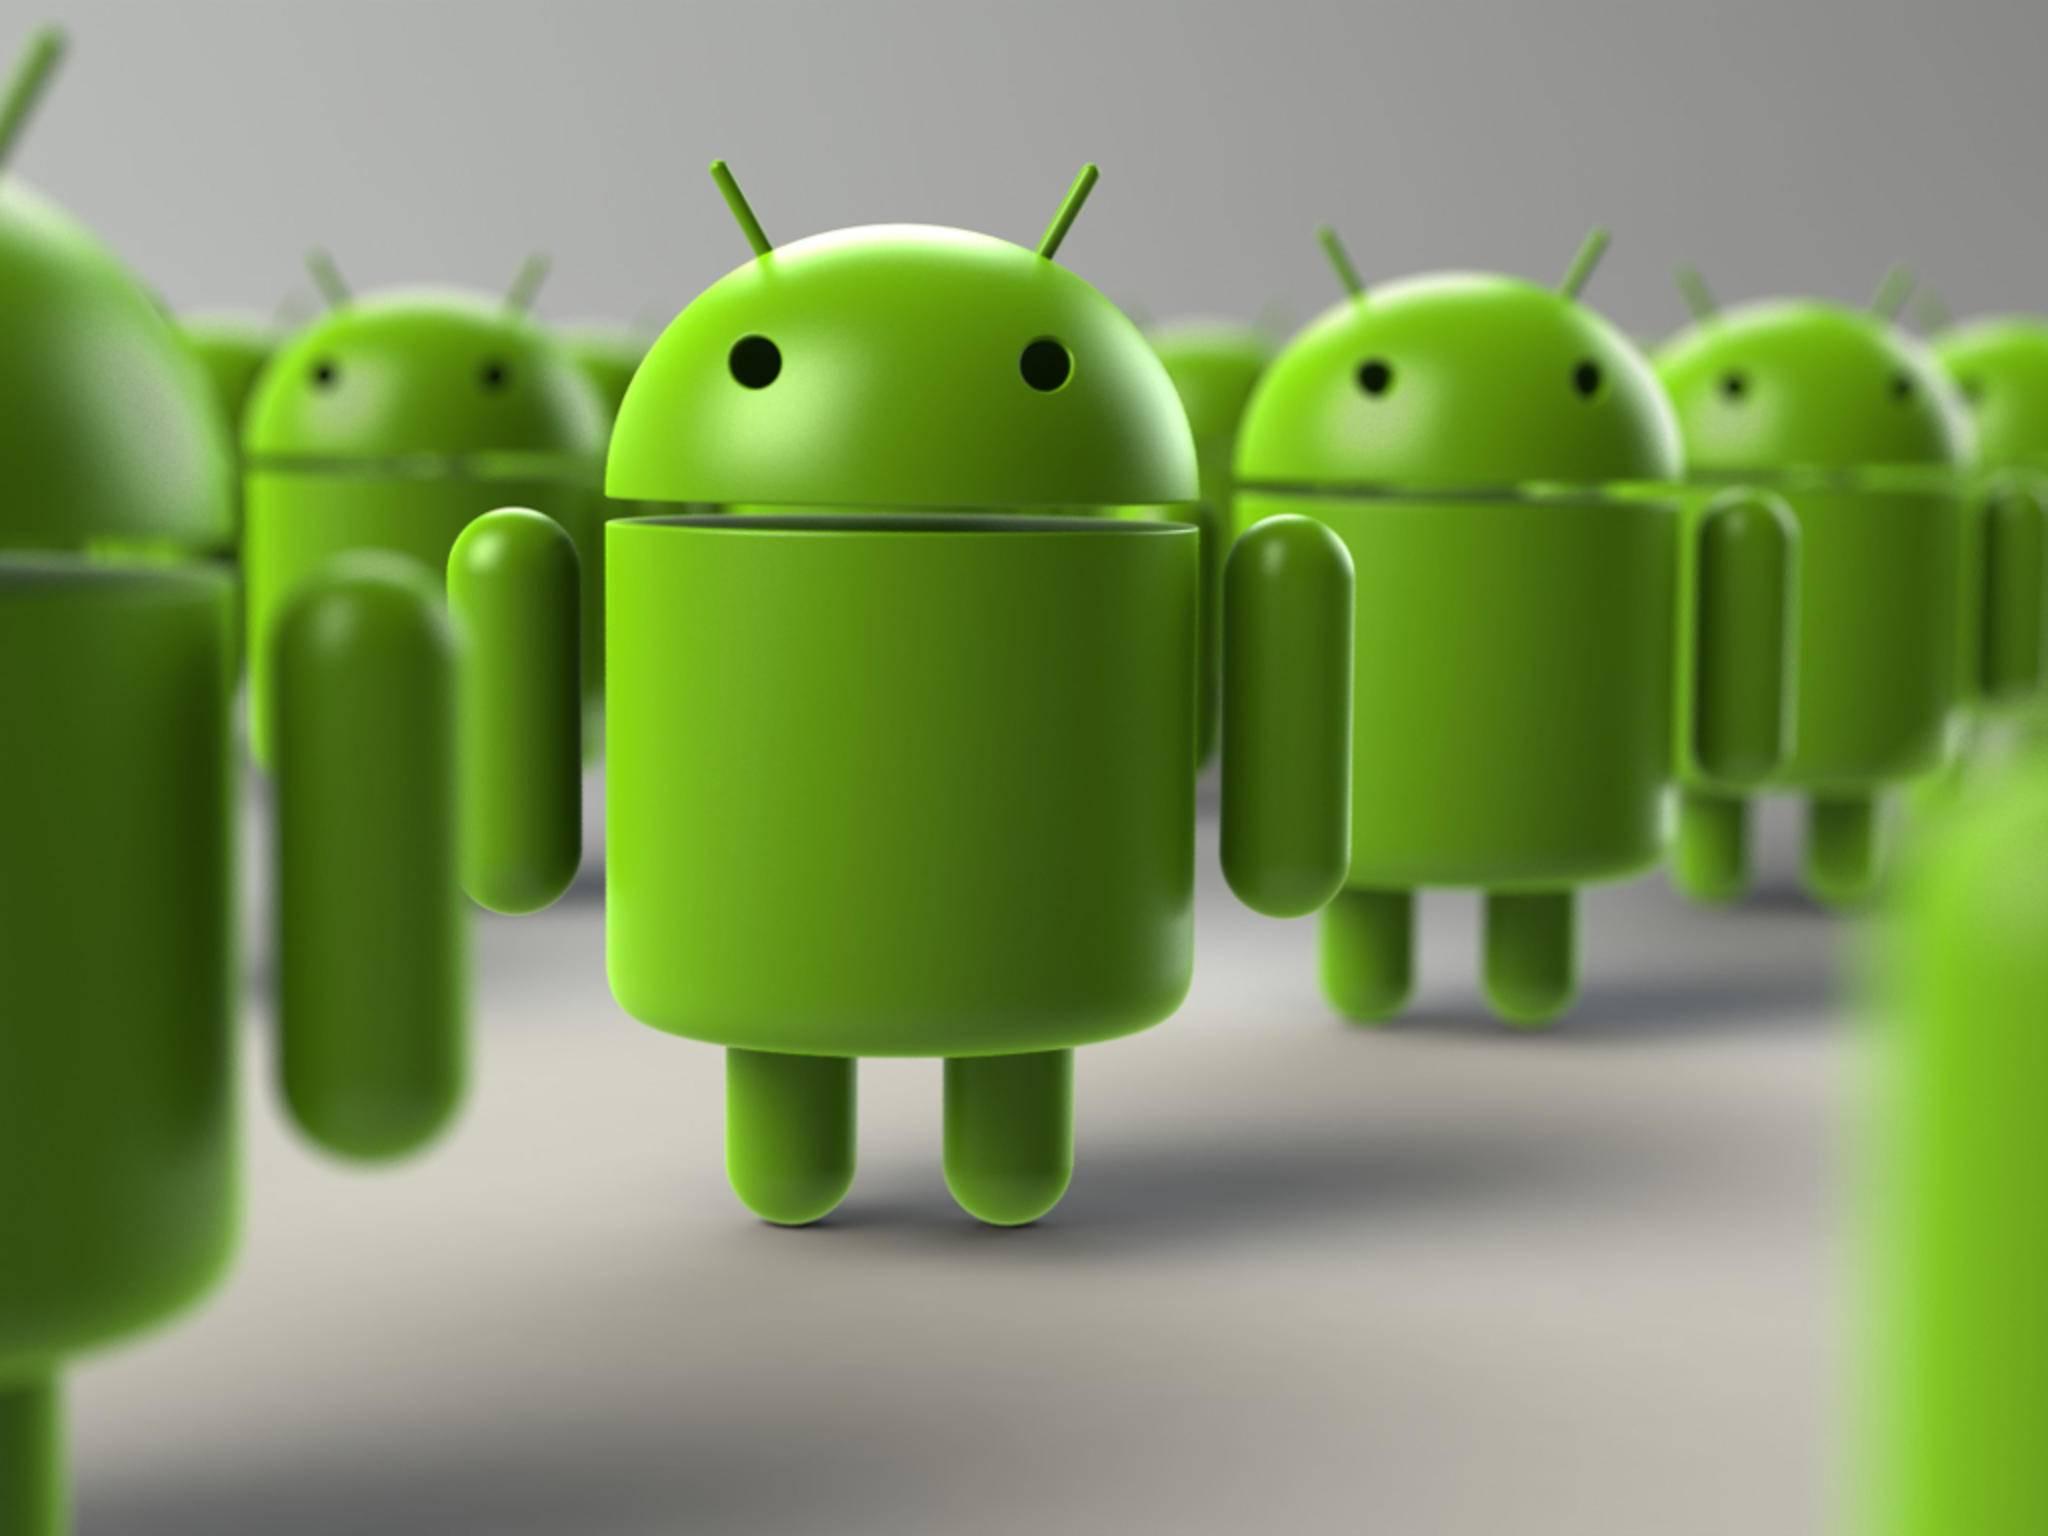 In Indonesien laufen erste Smartphones anscheinend schon mit Android 5.1 Lollipop.